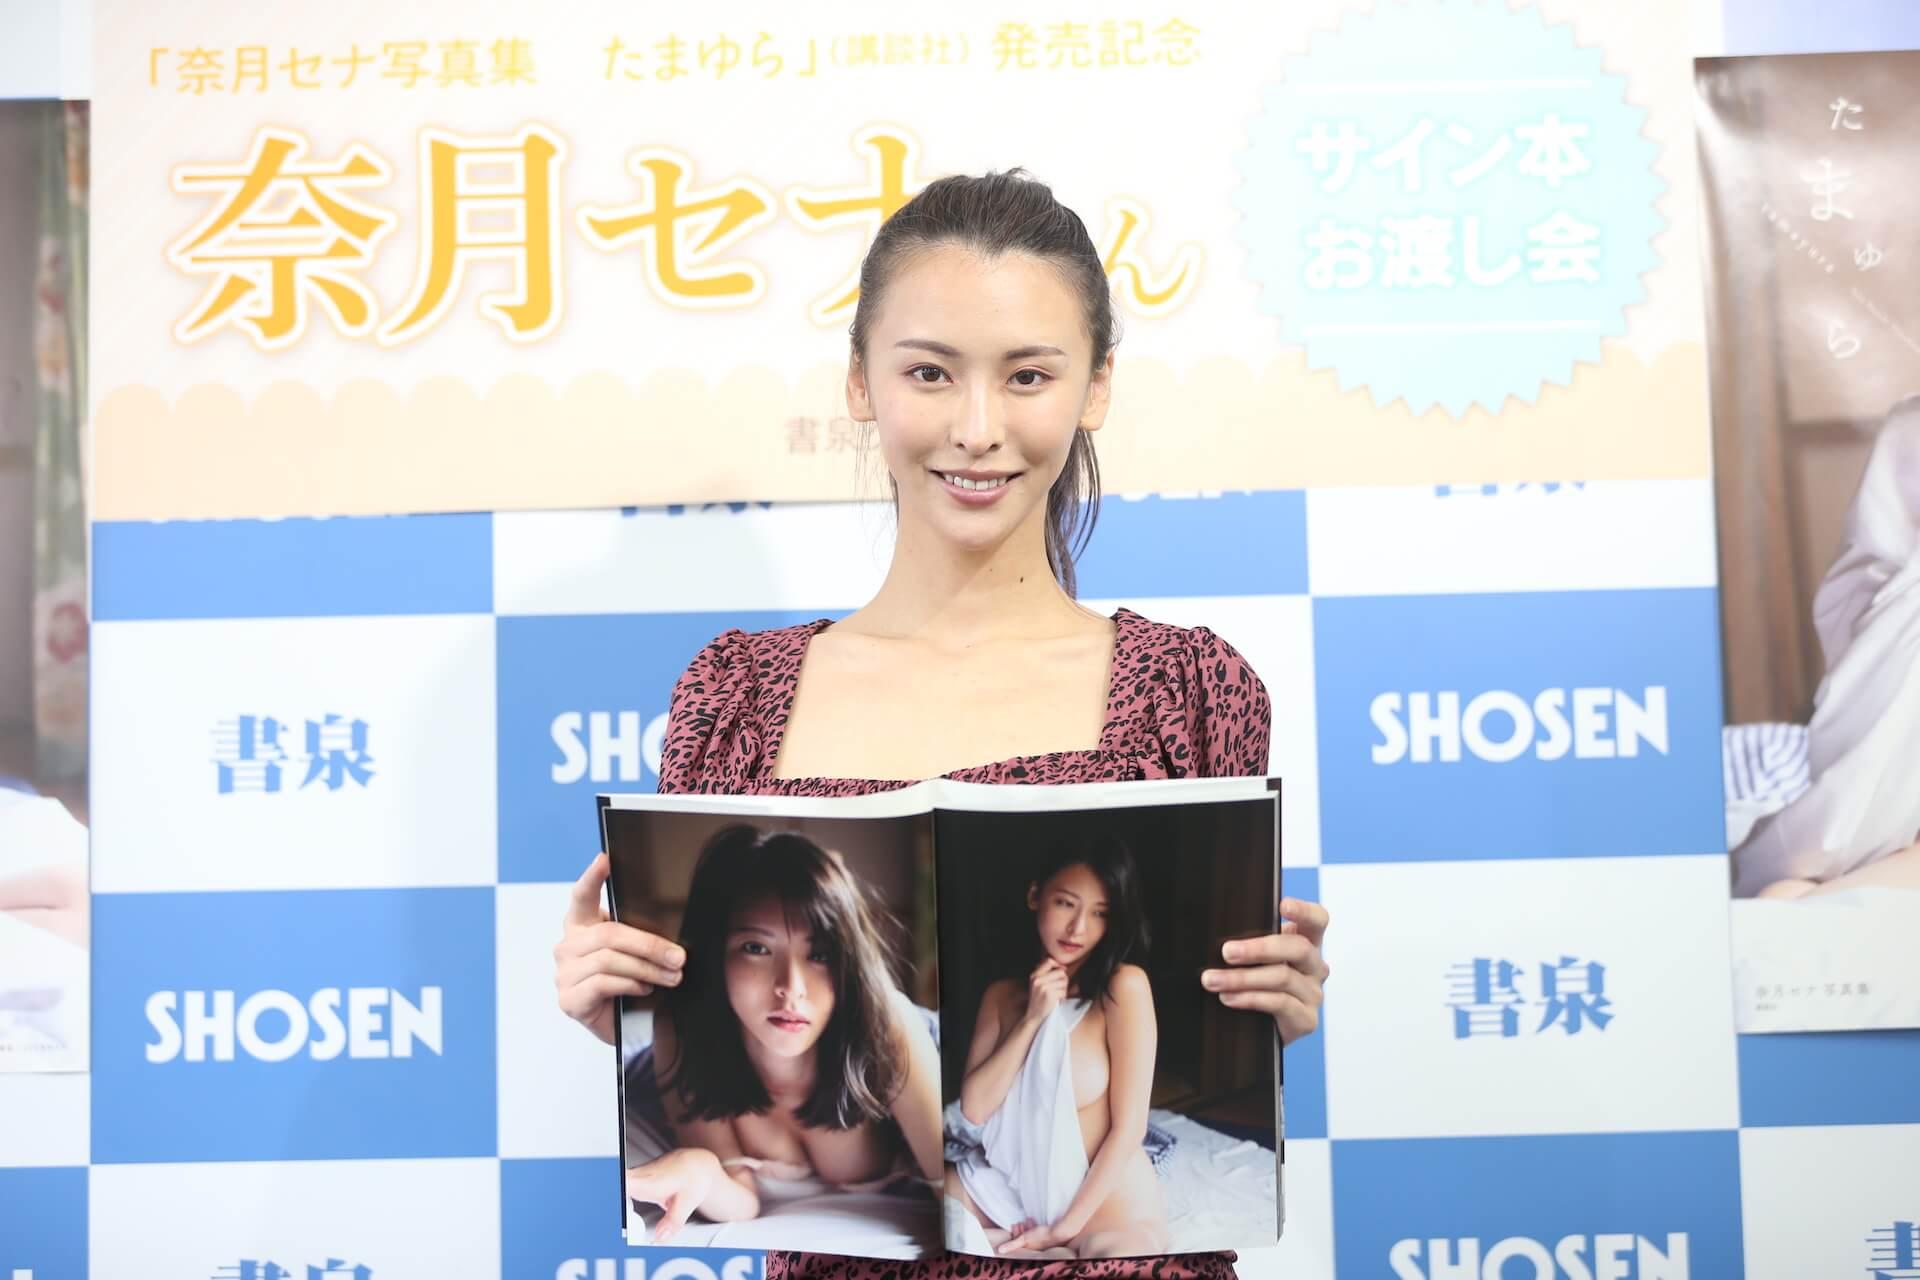 写真集『たまゆら』でセクシーすぎる横乳を披露した奈月セナがサイン本お渡し会を開催!コメントも到着 art210705_natsukisena_1